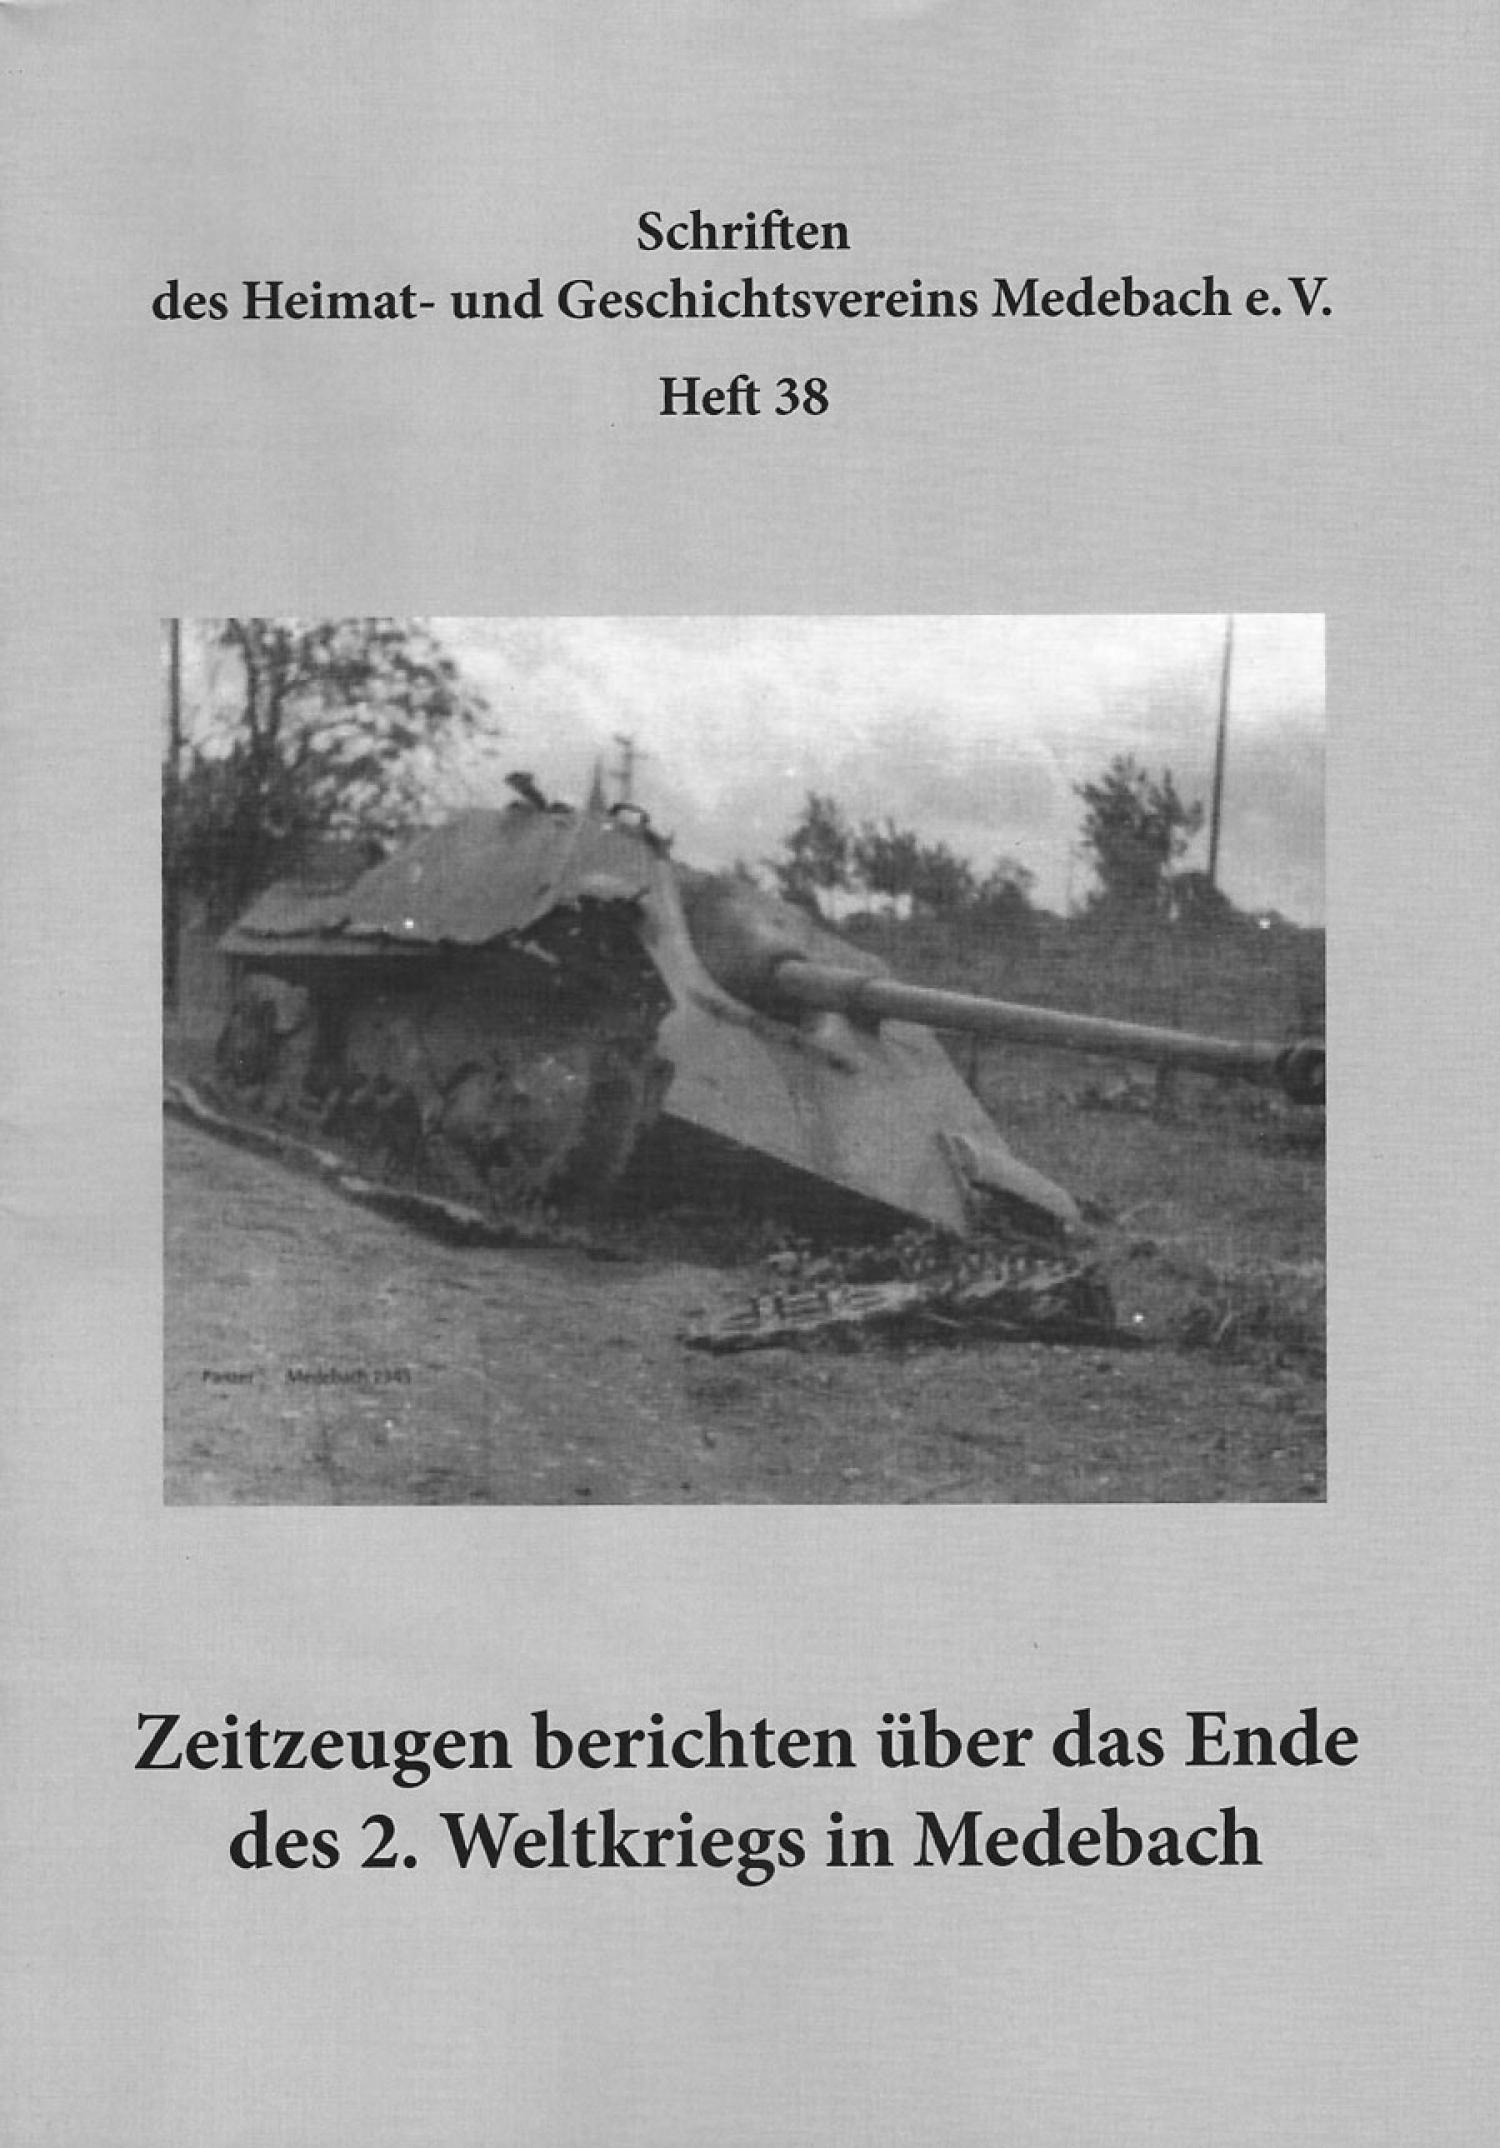 Zeitzeugen berichten über das Ende des 2. Weltkriegs